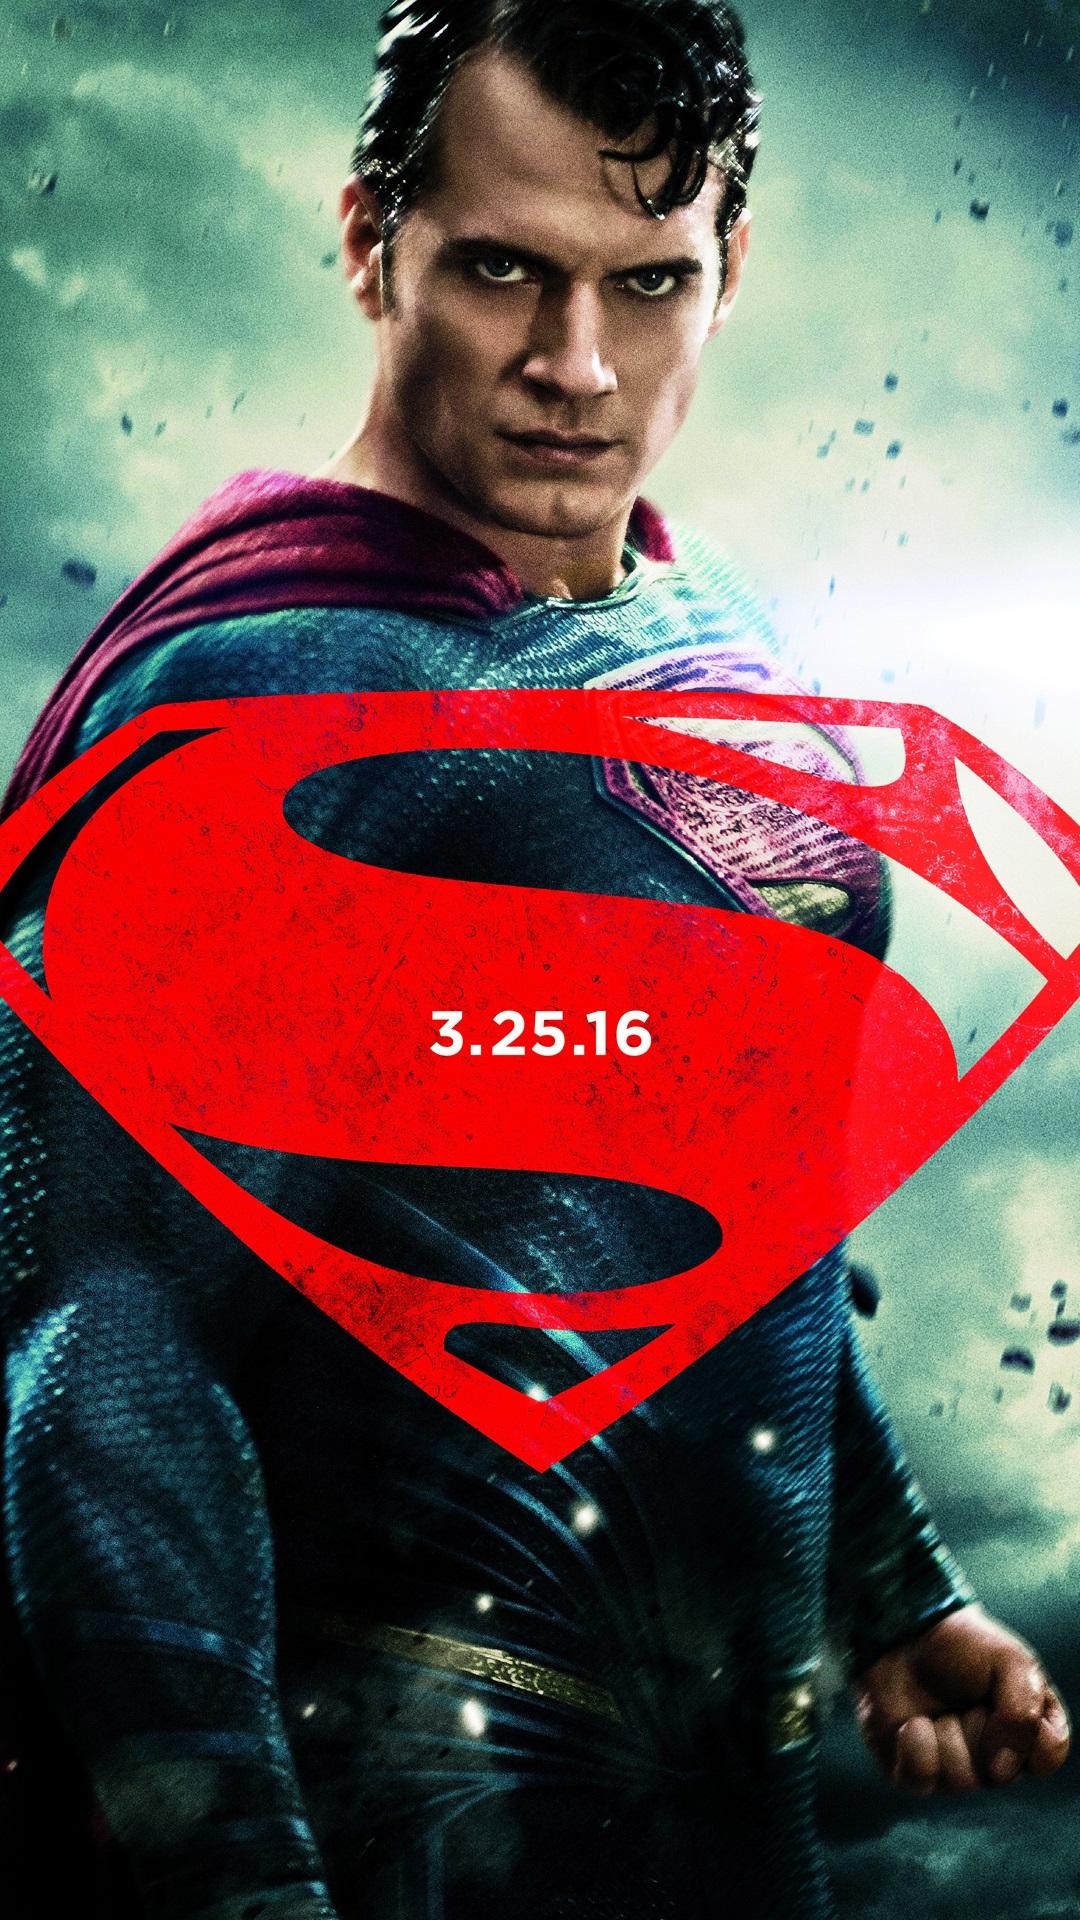 Pôster Batman Vs Superman - HD Wallpaper